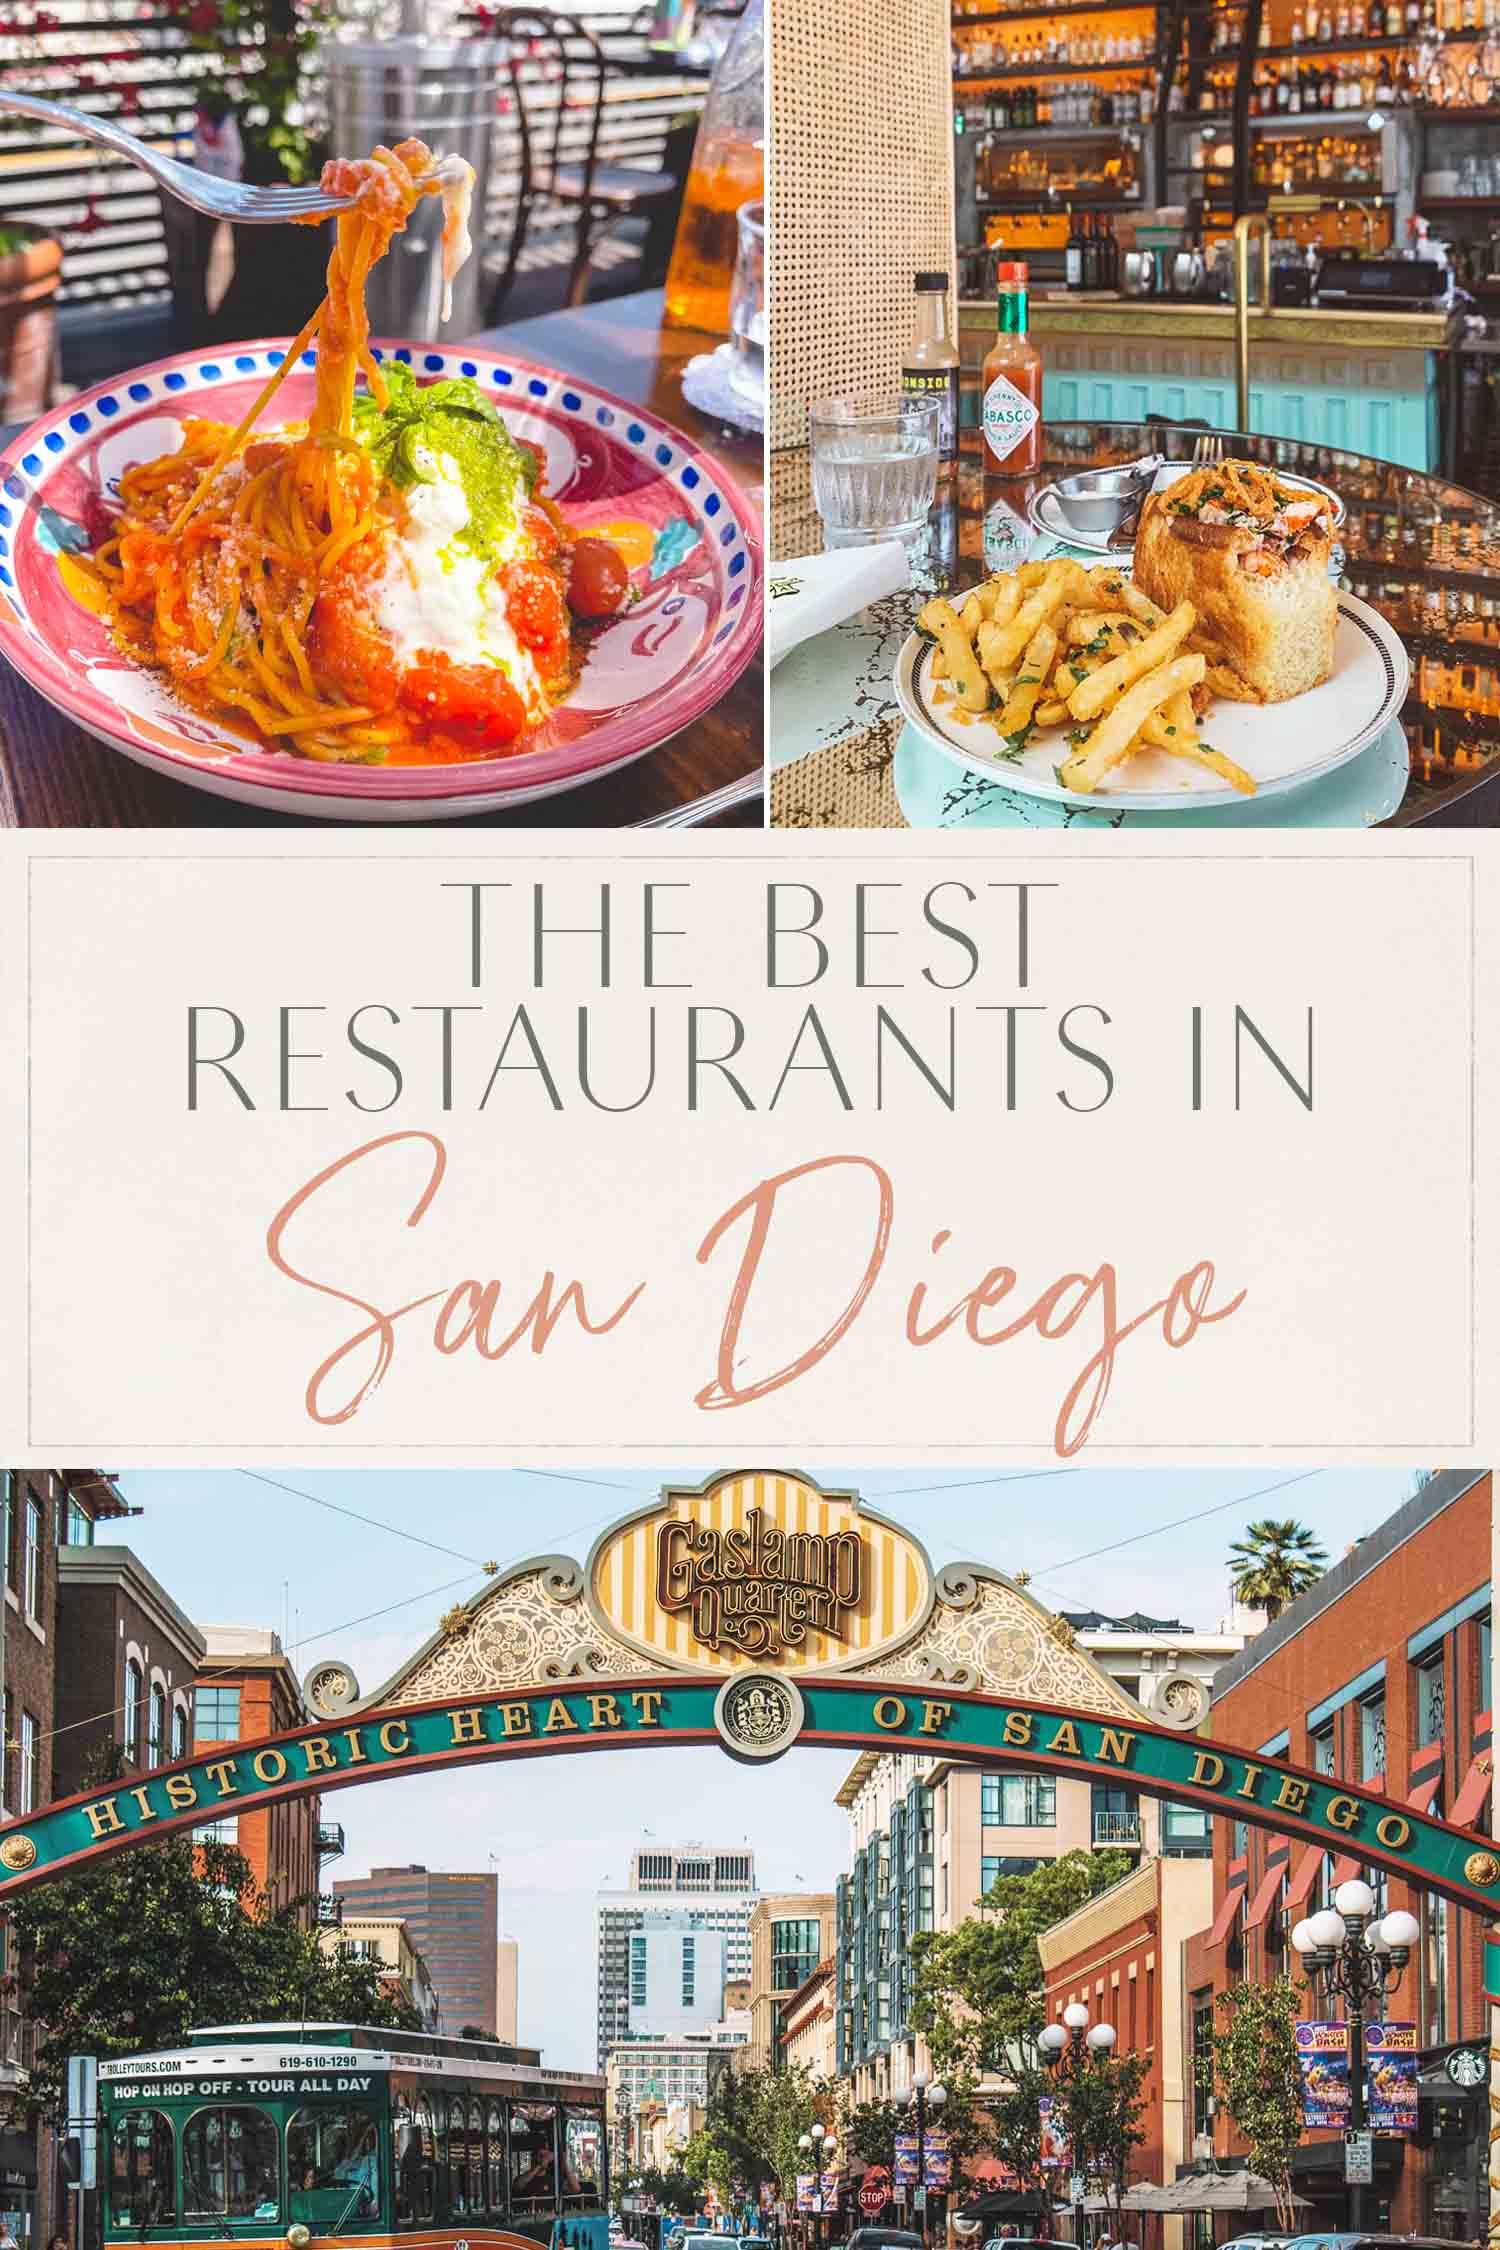 Best Restaurants in San Diego